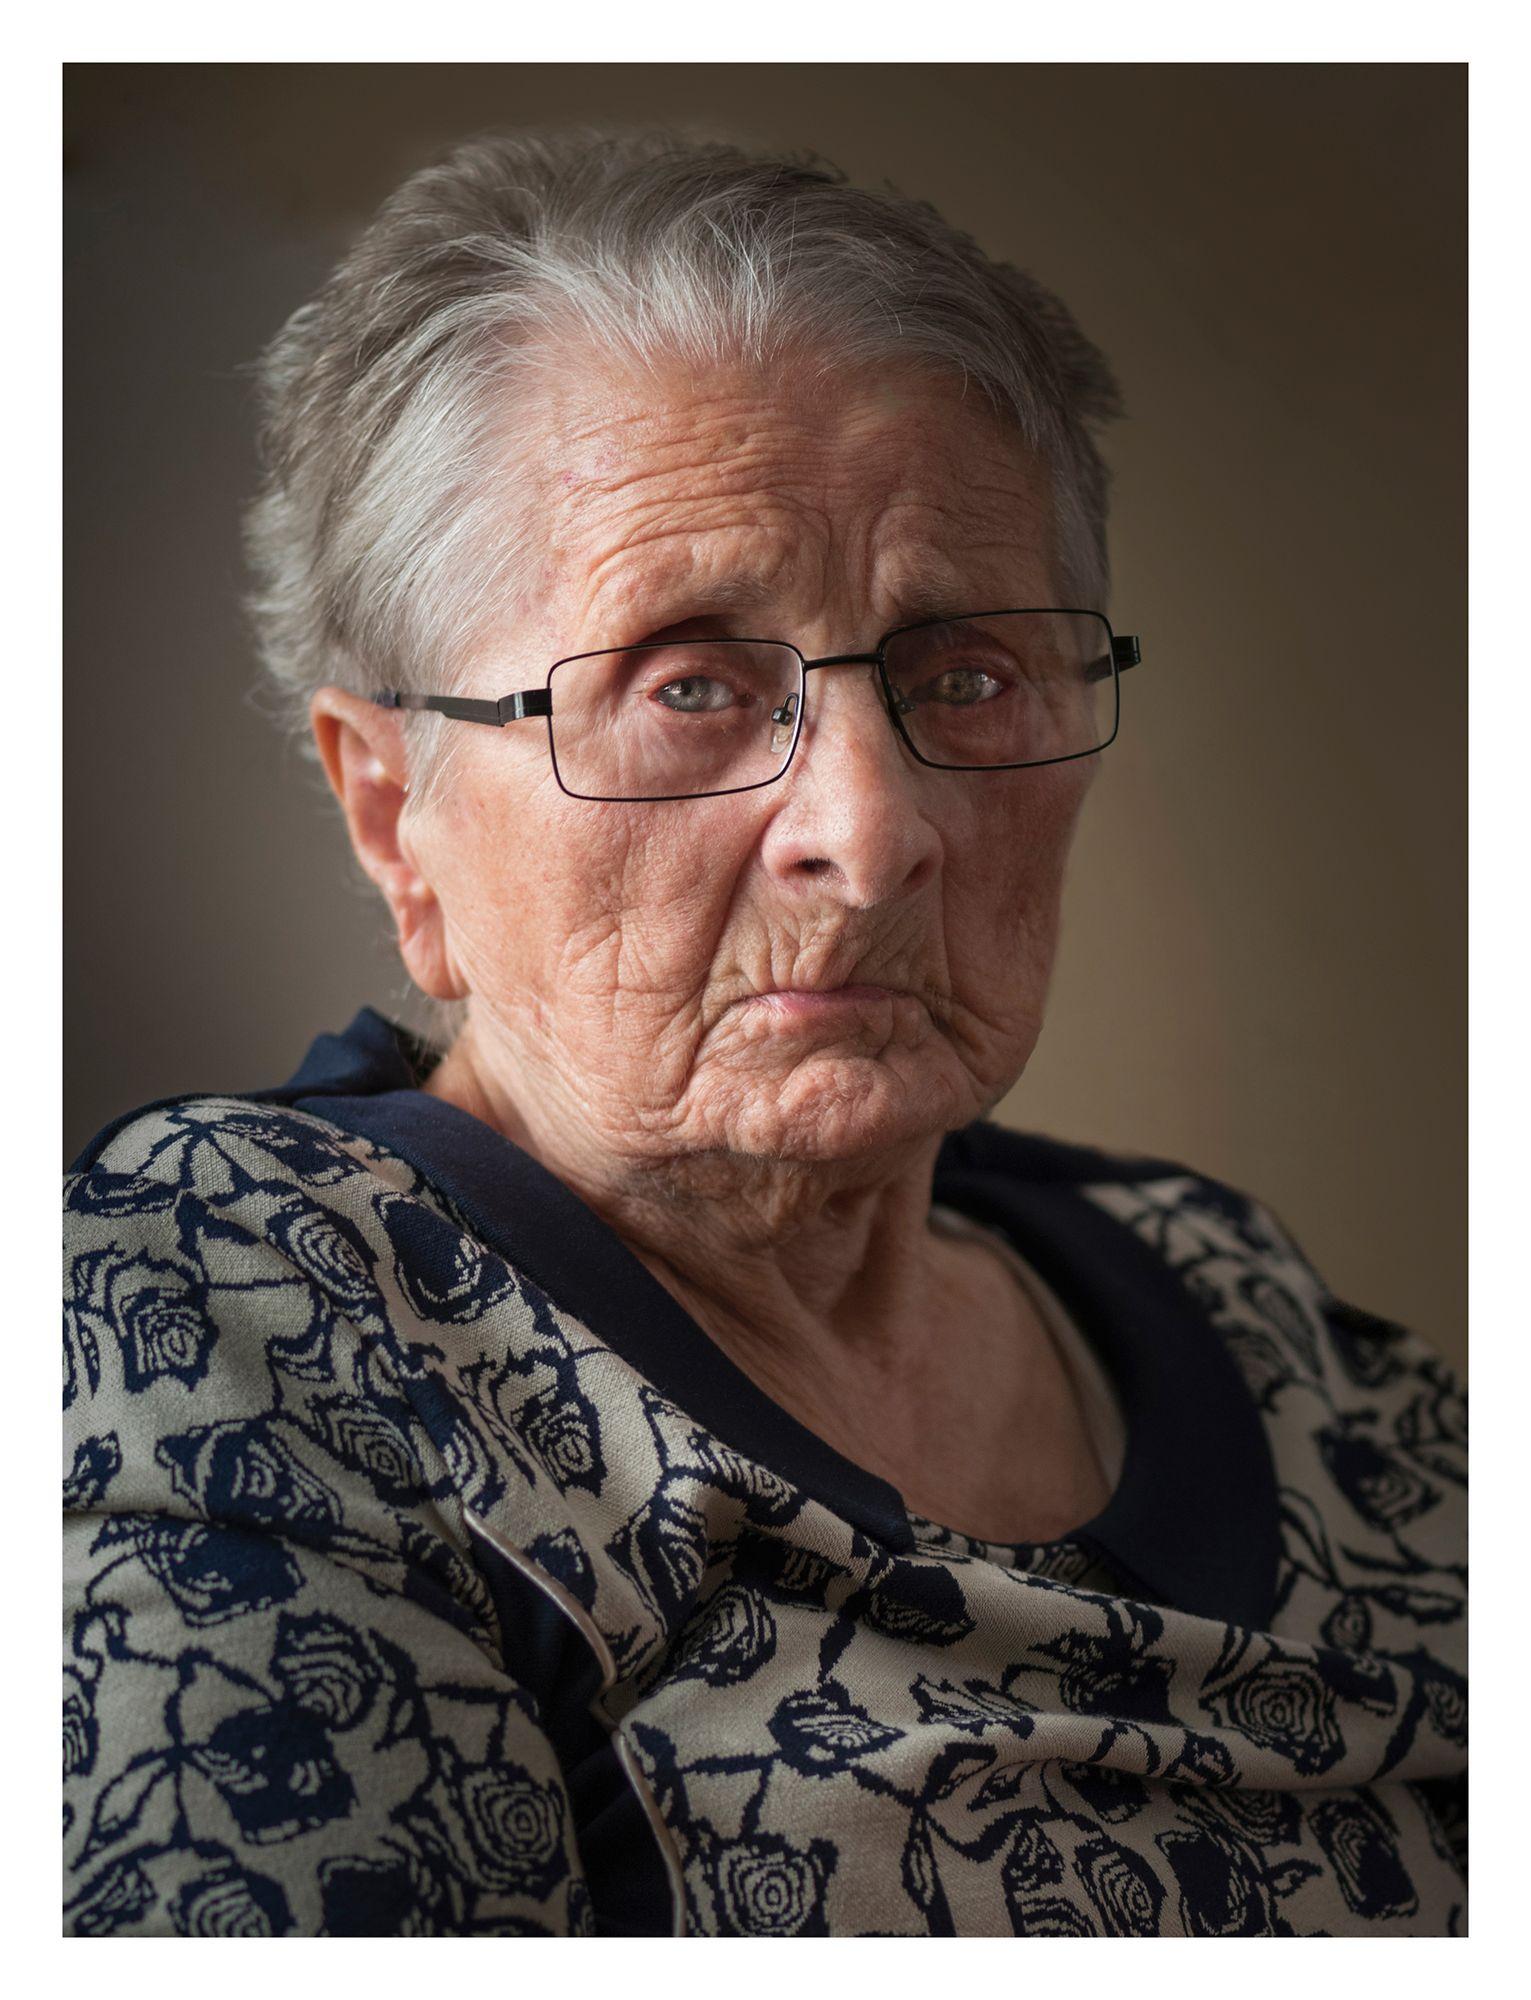 STANISŁAWA WIDERSKA (102 lata)  m. Grzmiąca (woj. zachodniopomorskie)